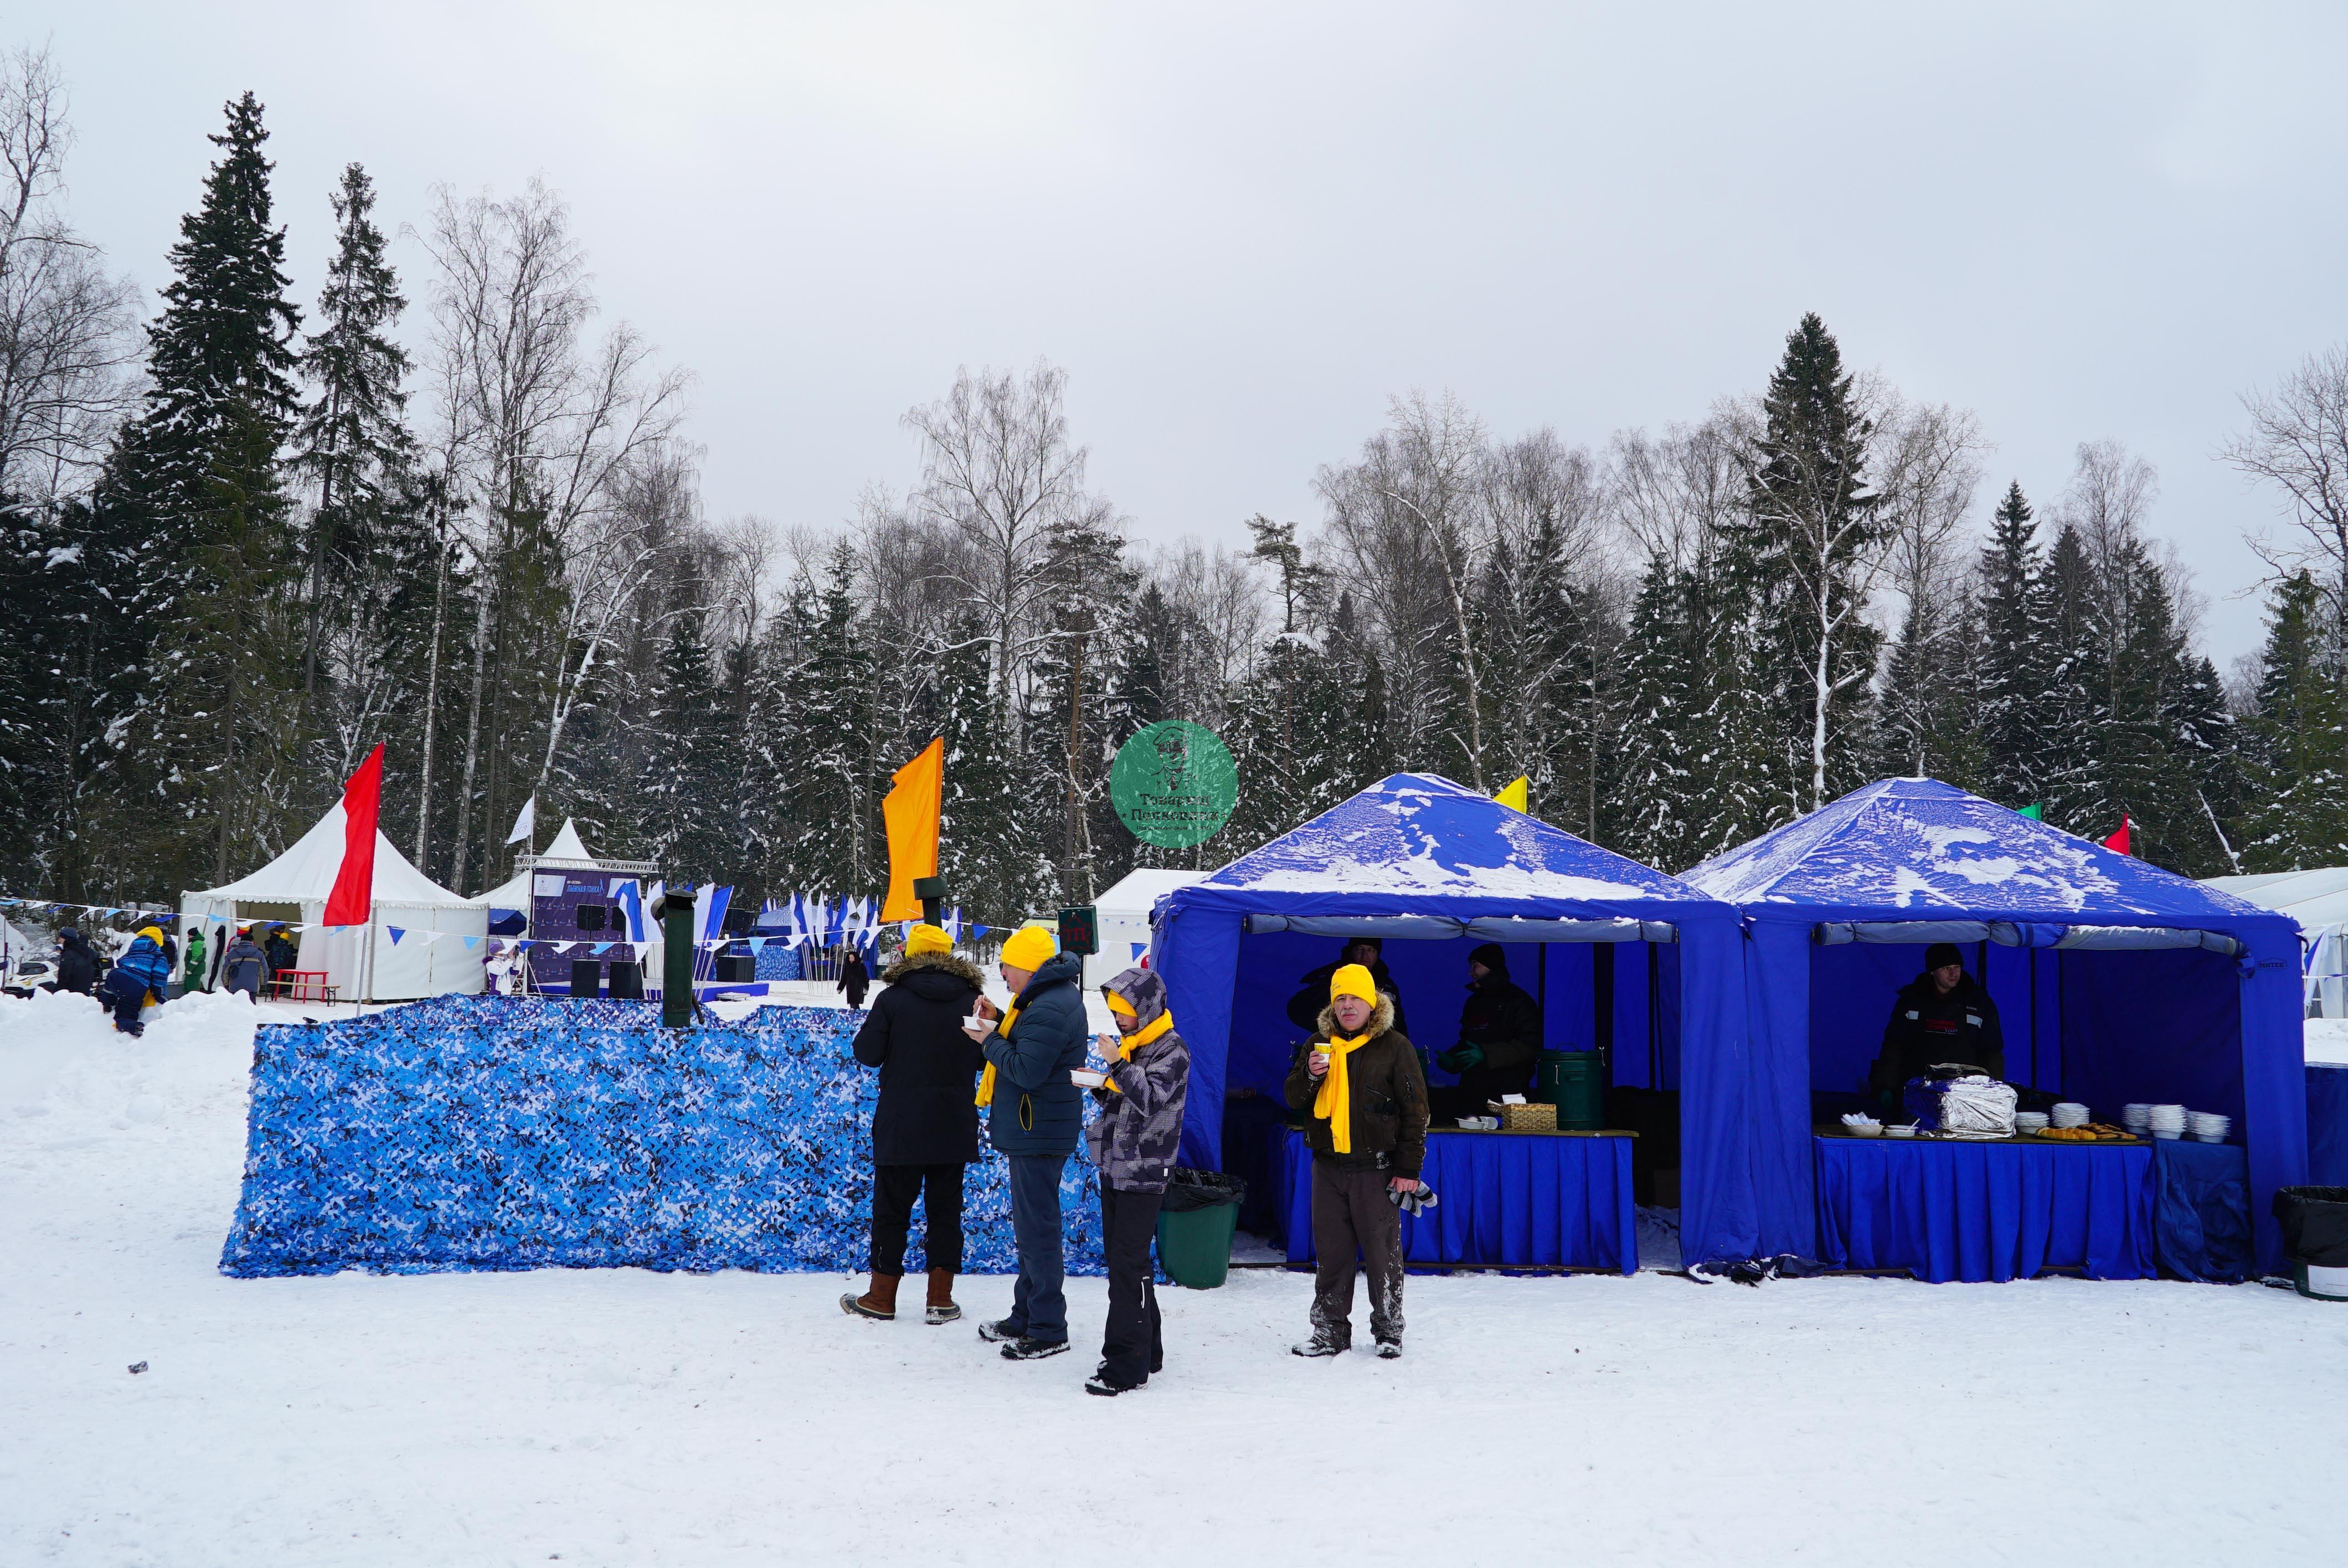 Полевые кухни на зимнем мероприятии